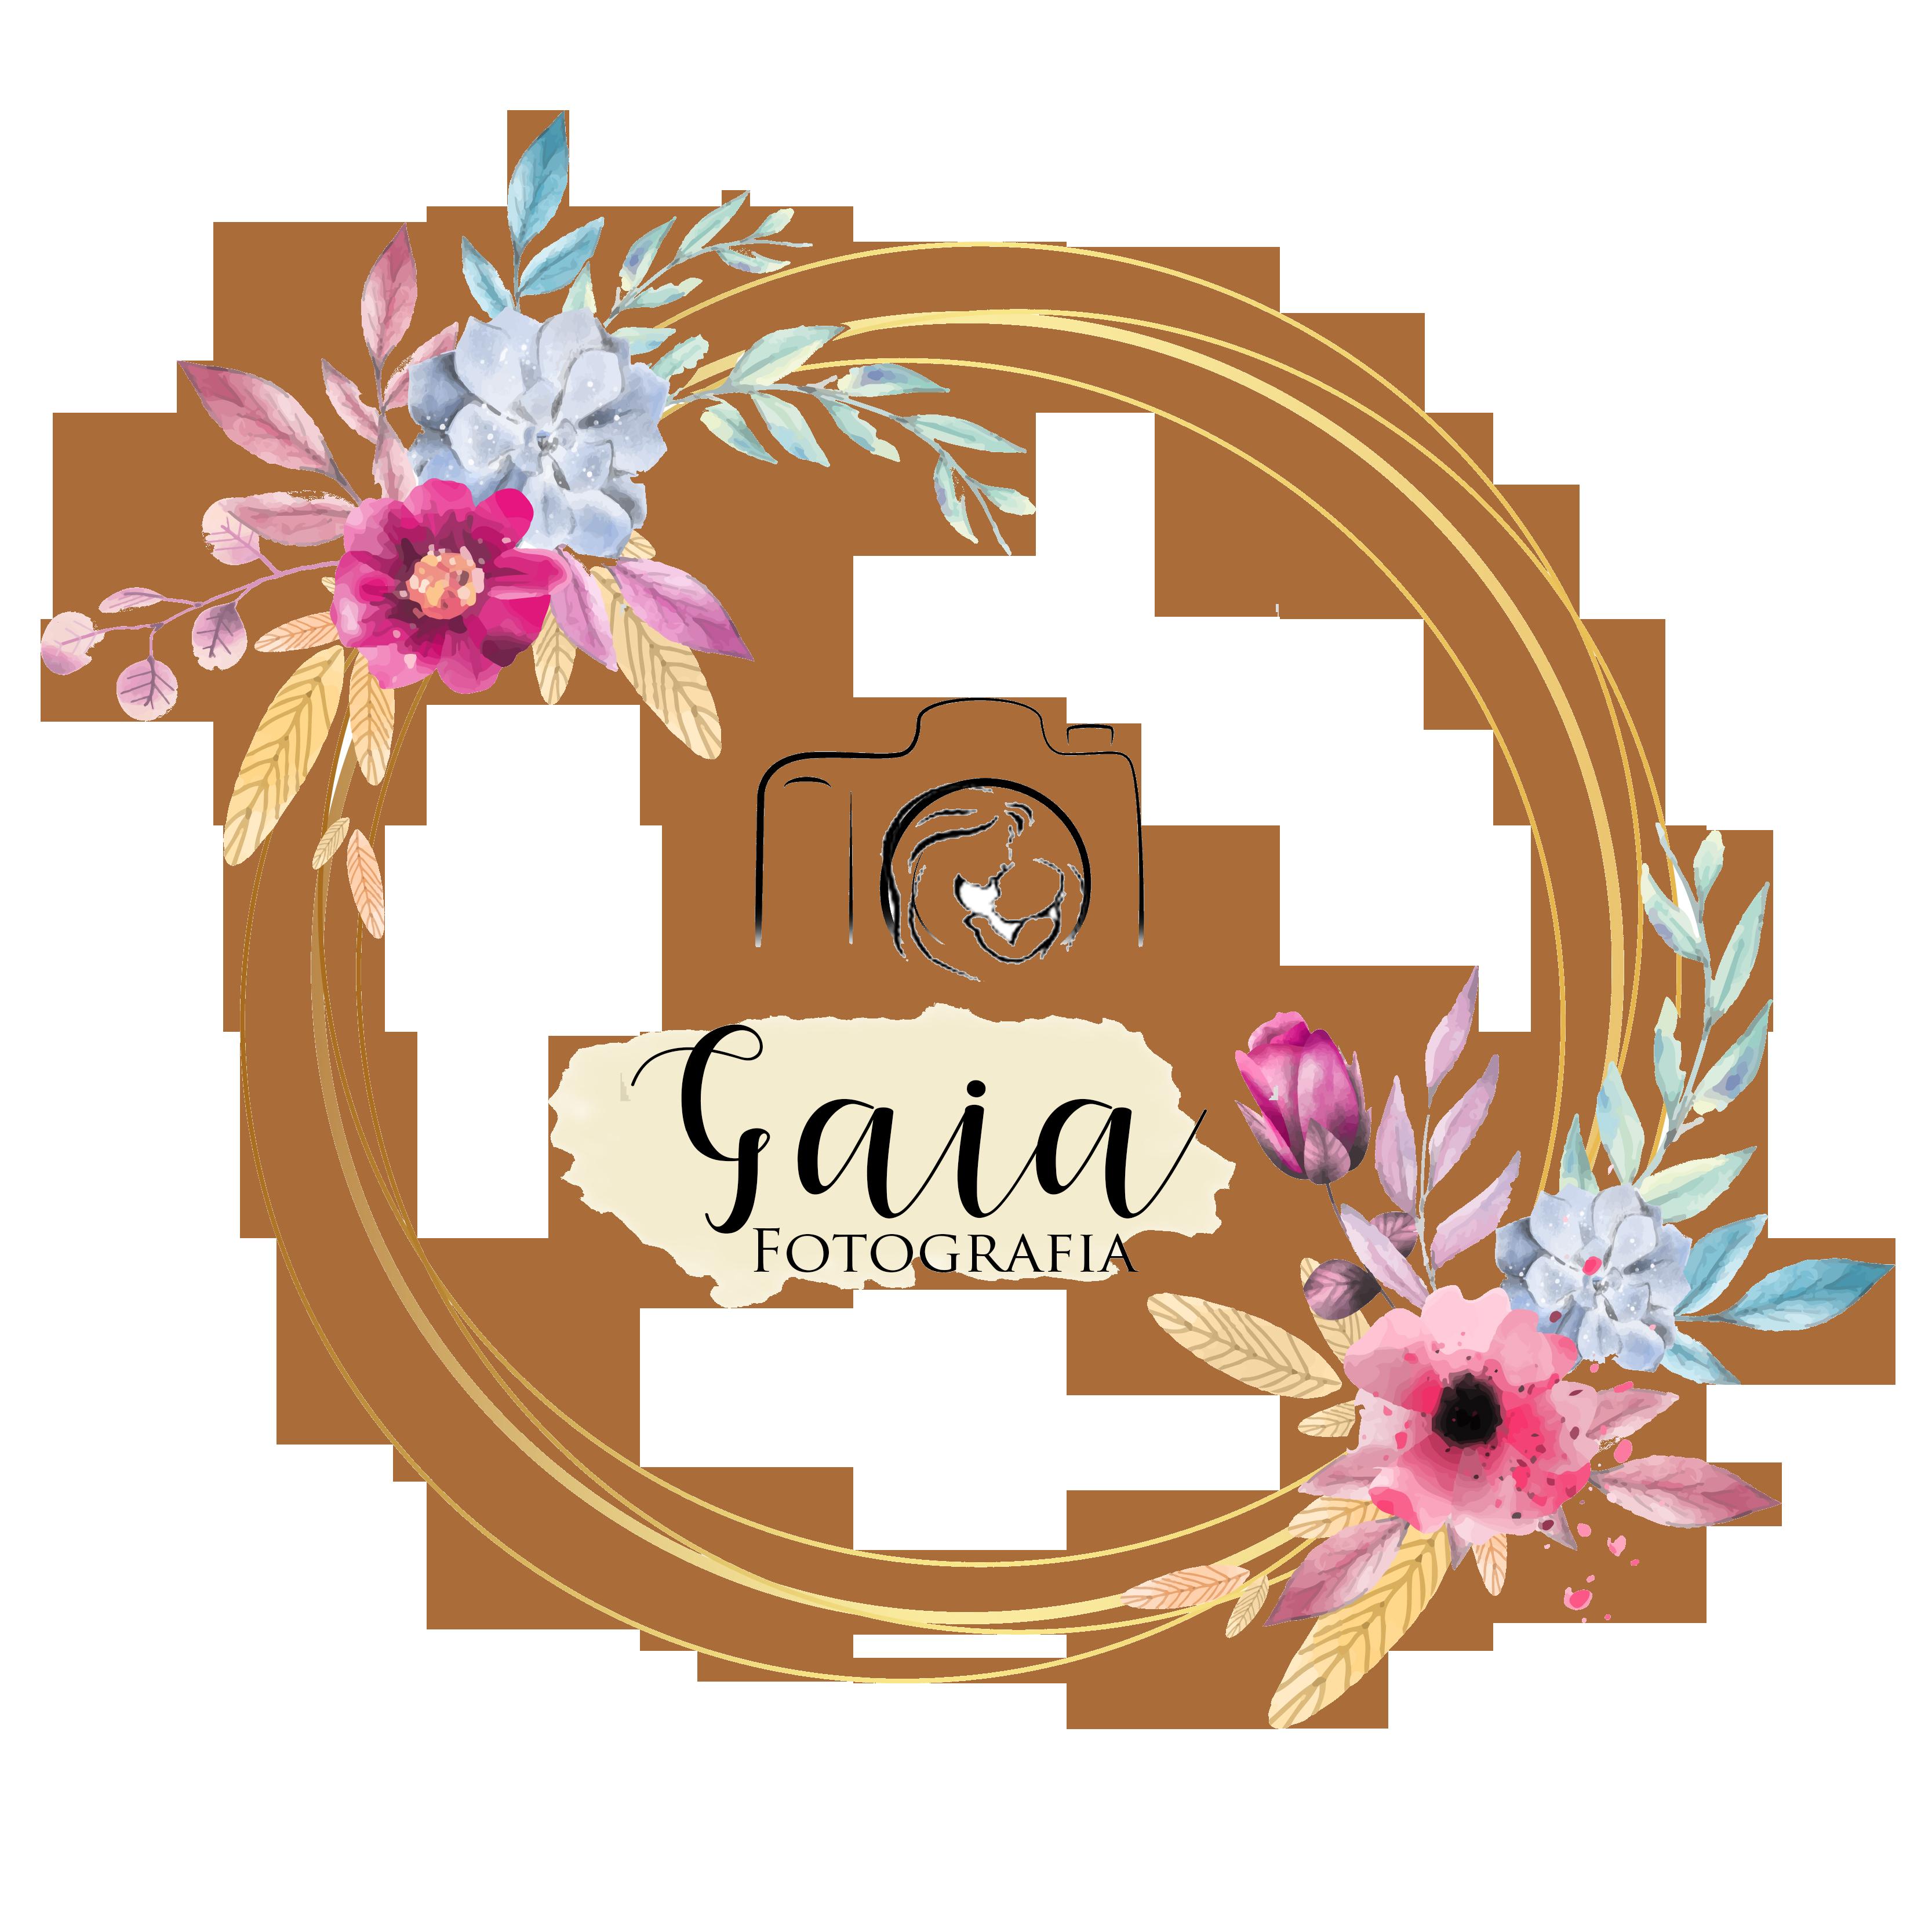 Sobre Gaia Fotografia -Fotógrafa de Gestante, Newborn e família - Guaratinguetá - SP